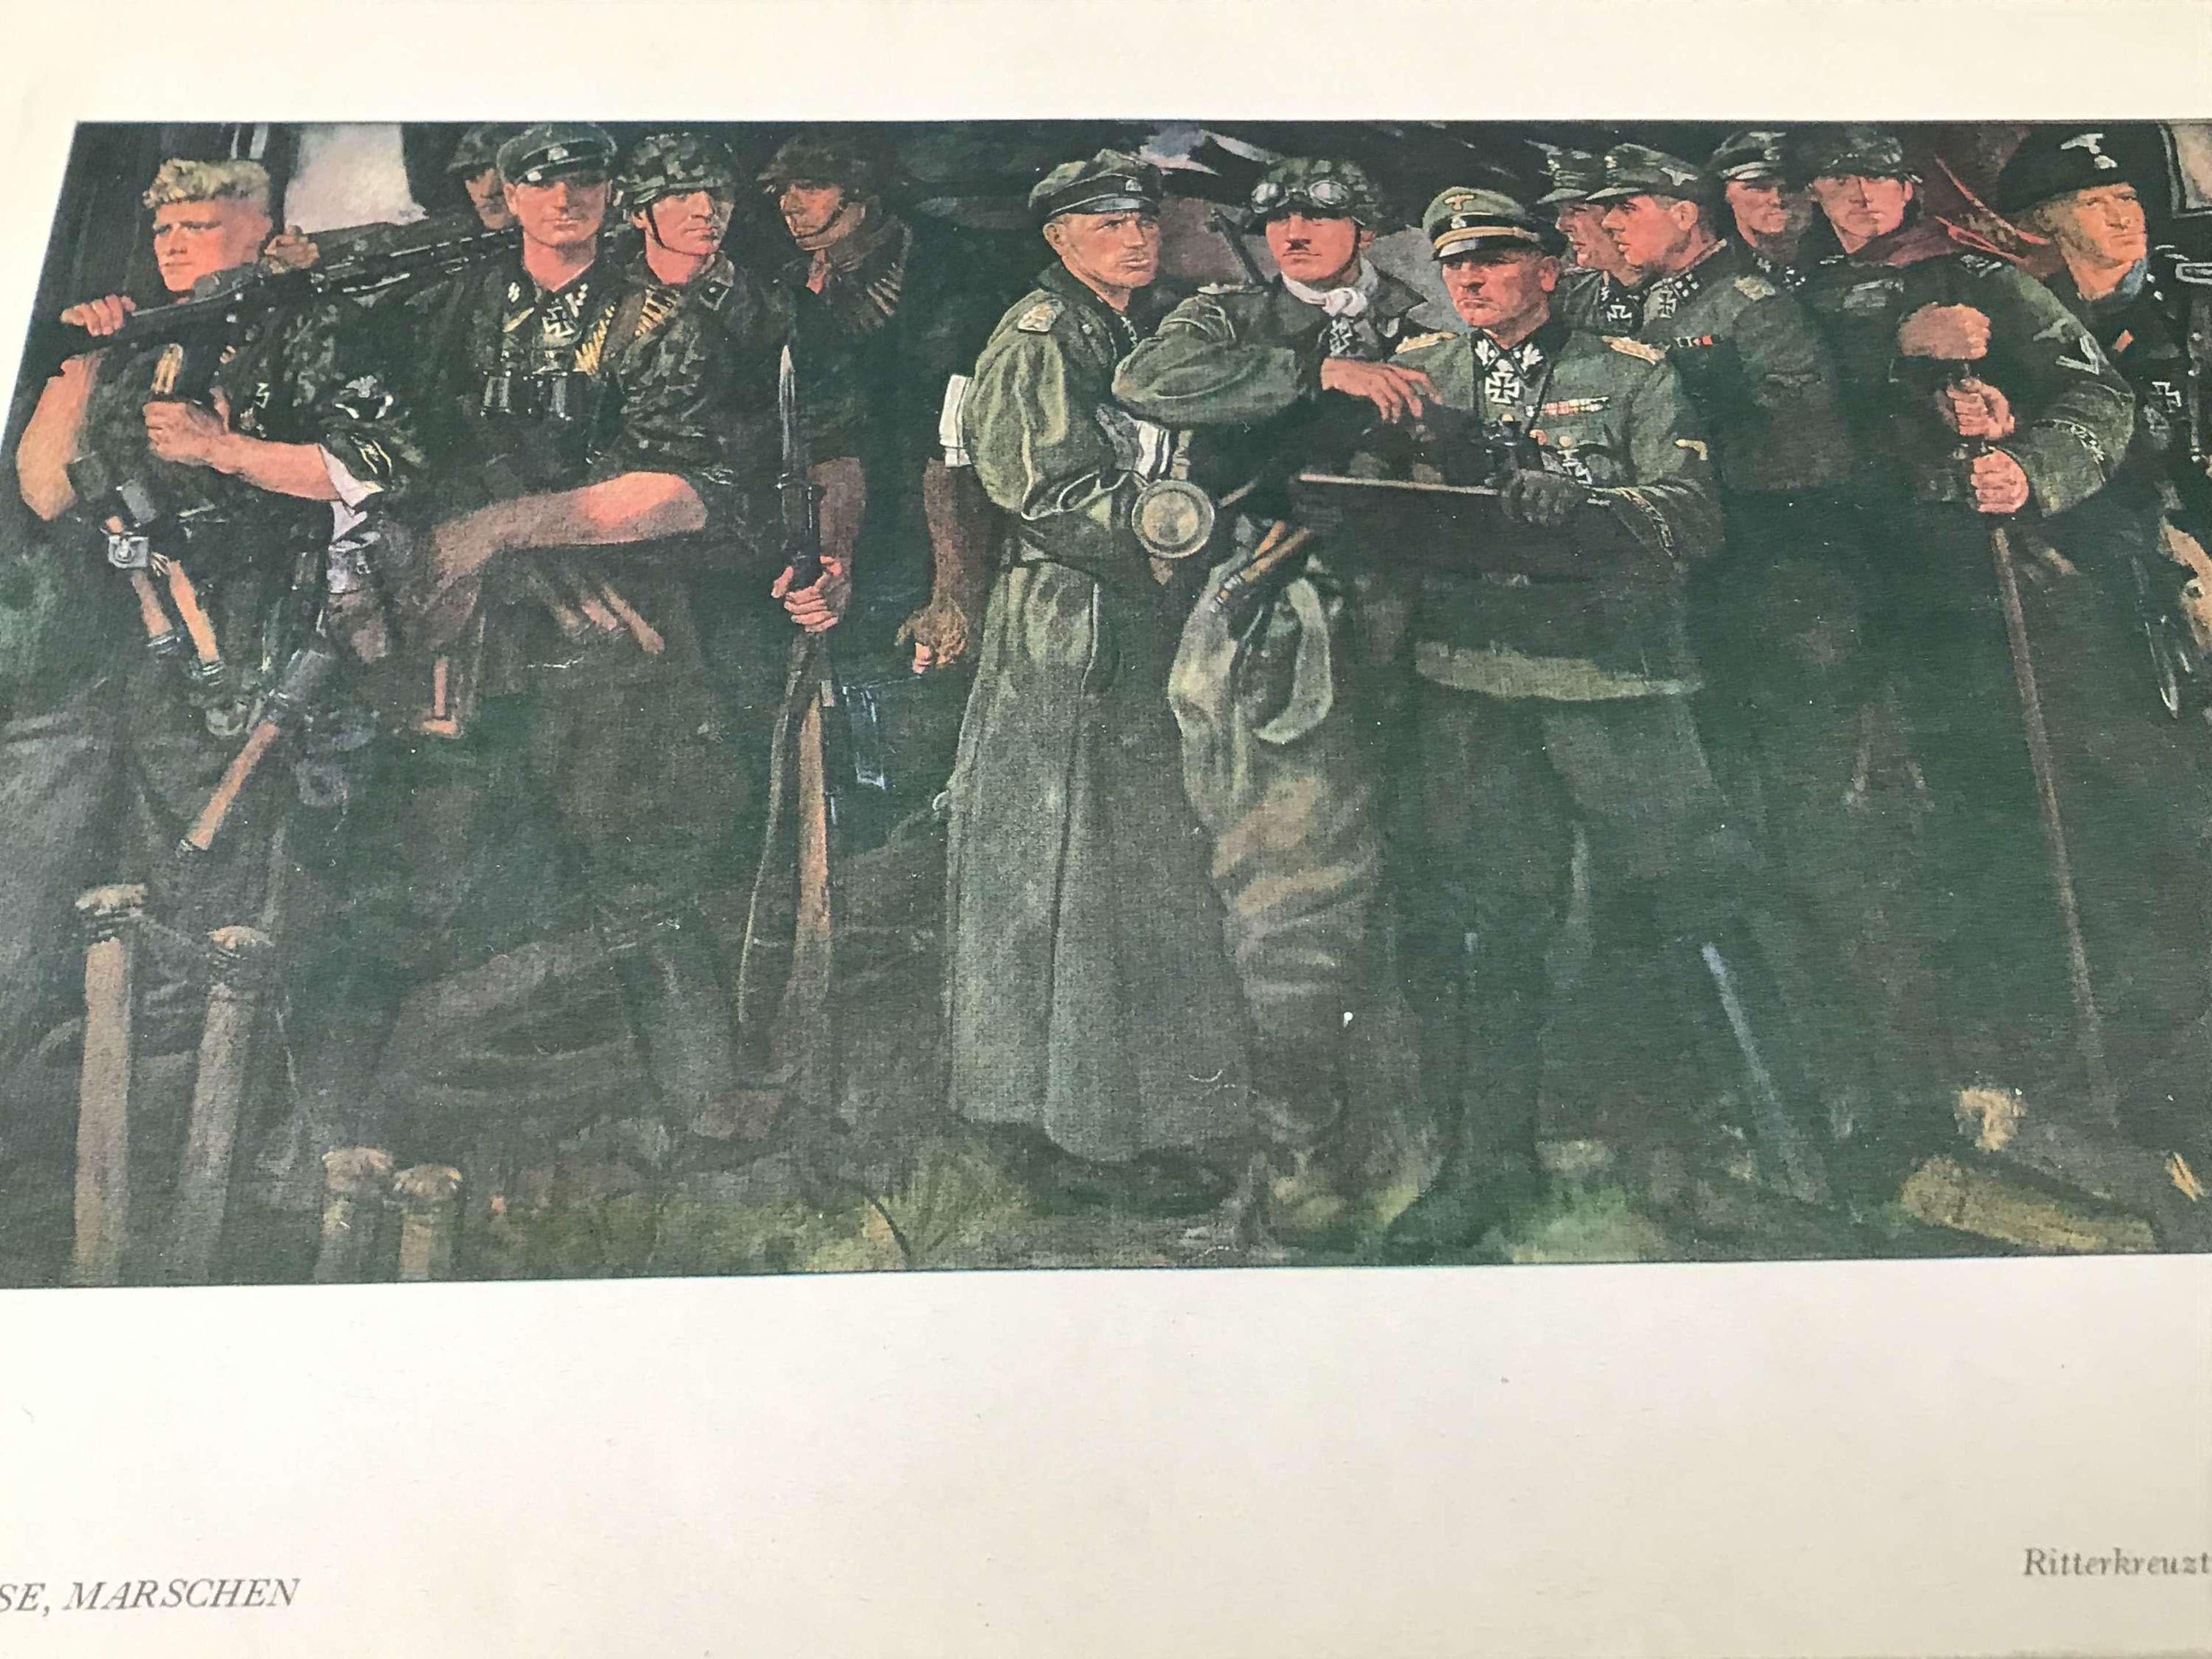 The Ritterkreuztrager der Liebstandarte SS Adolf Hitler